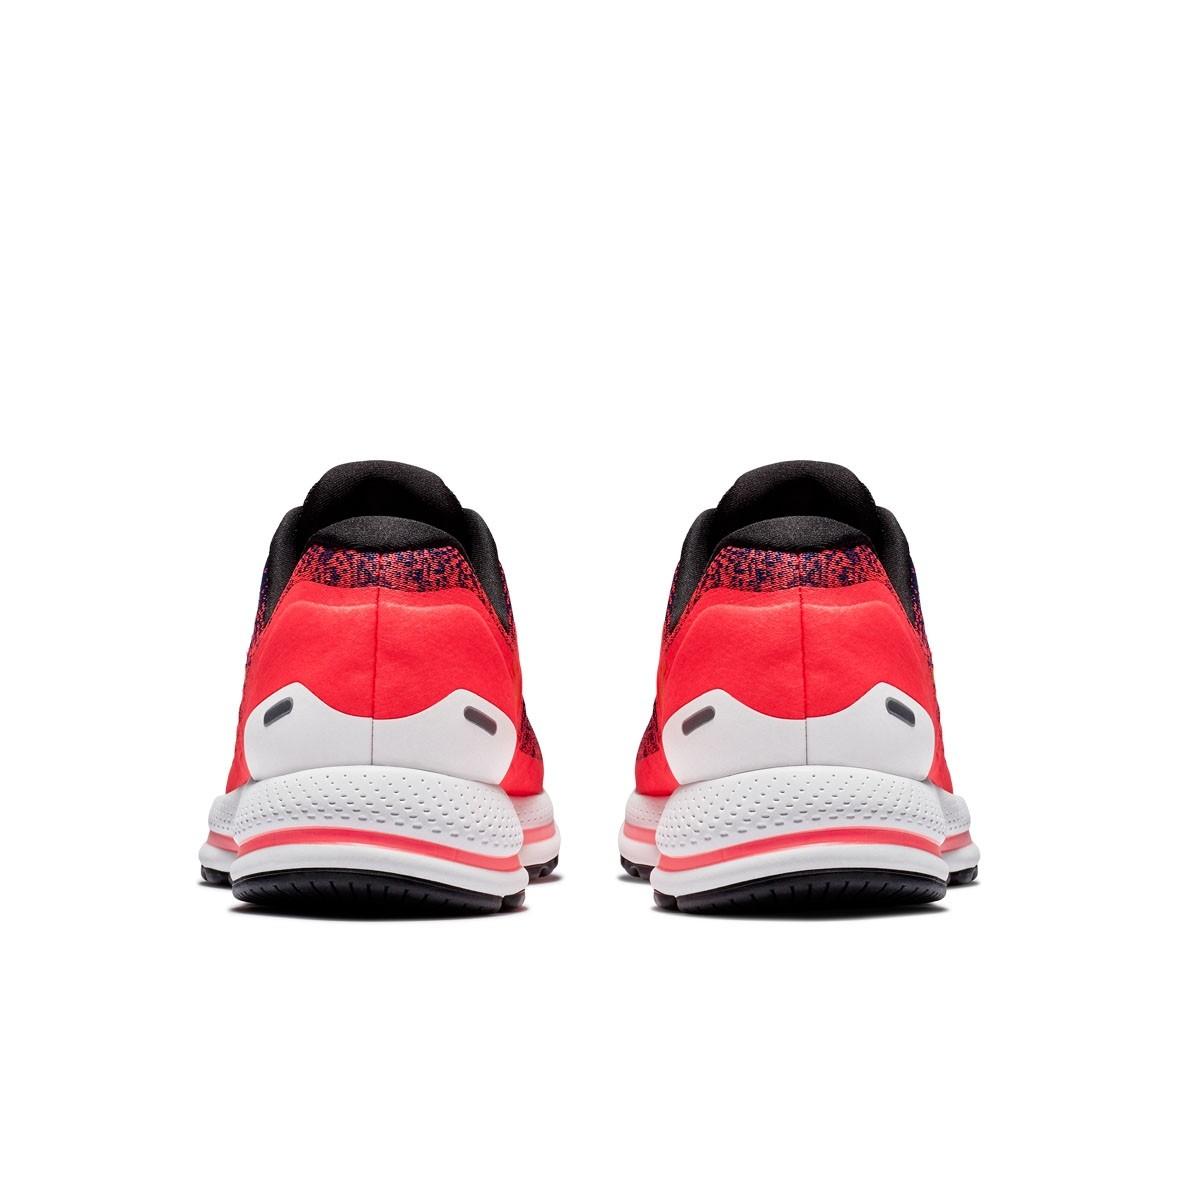 Nike Air Zoom Vomero 13 'Nebulosa' 922908-483